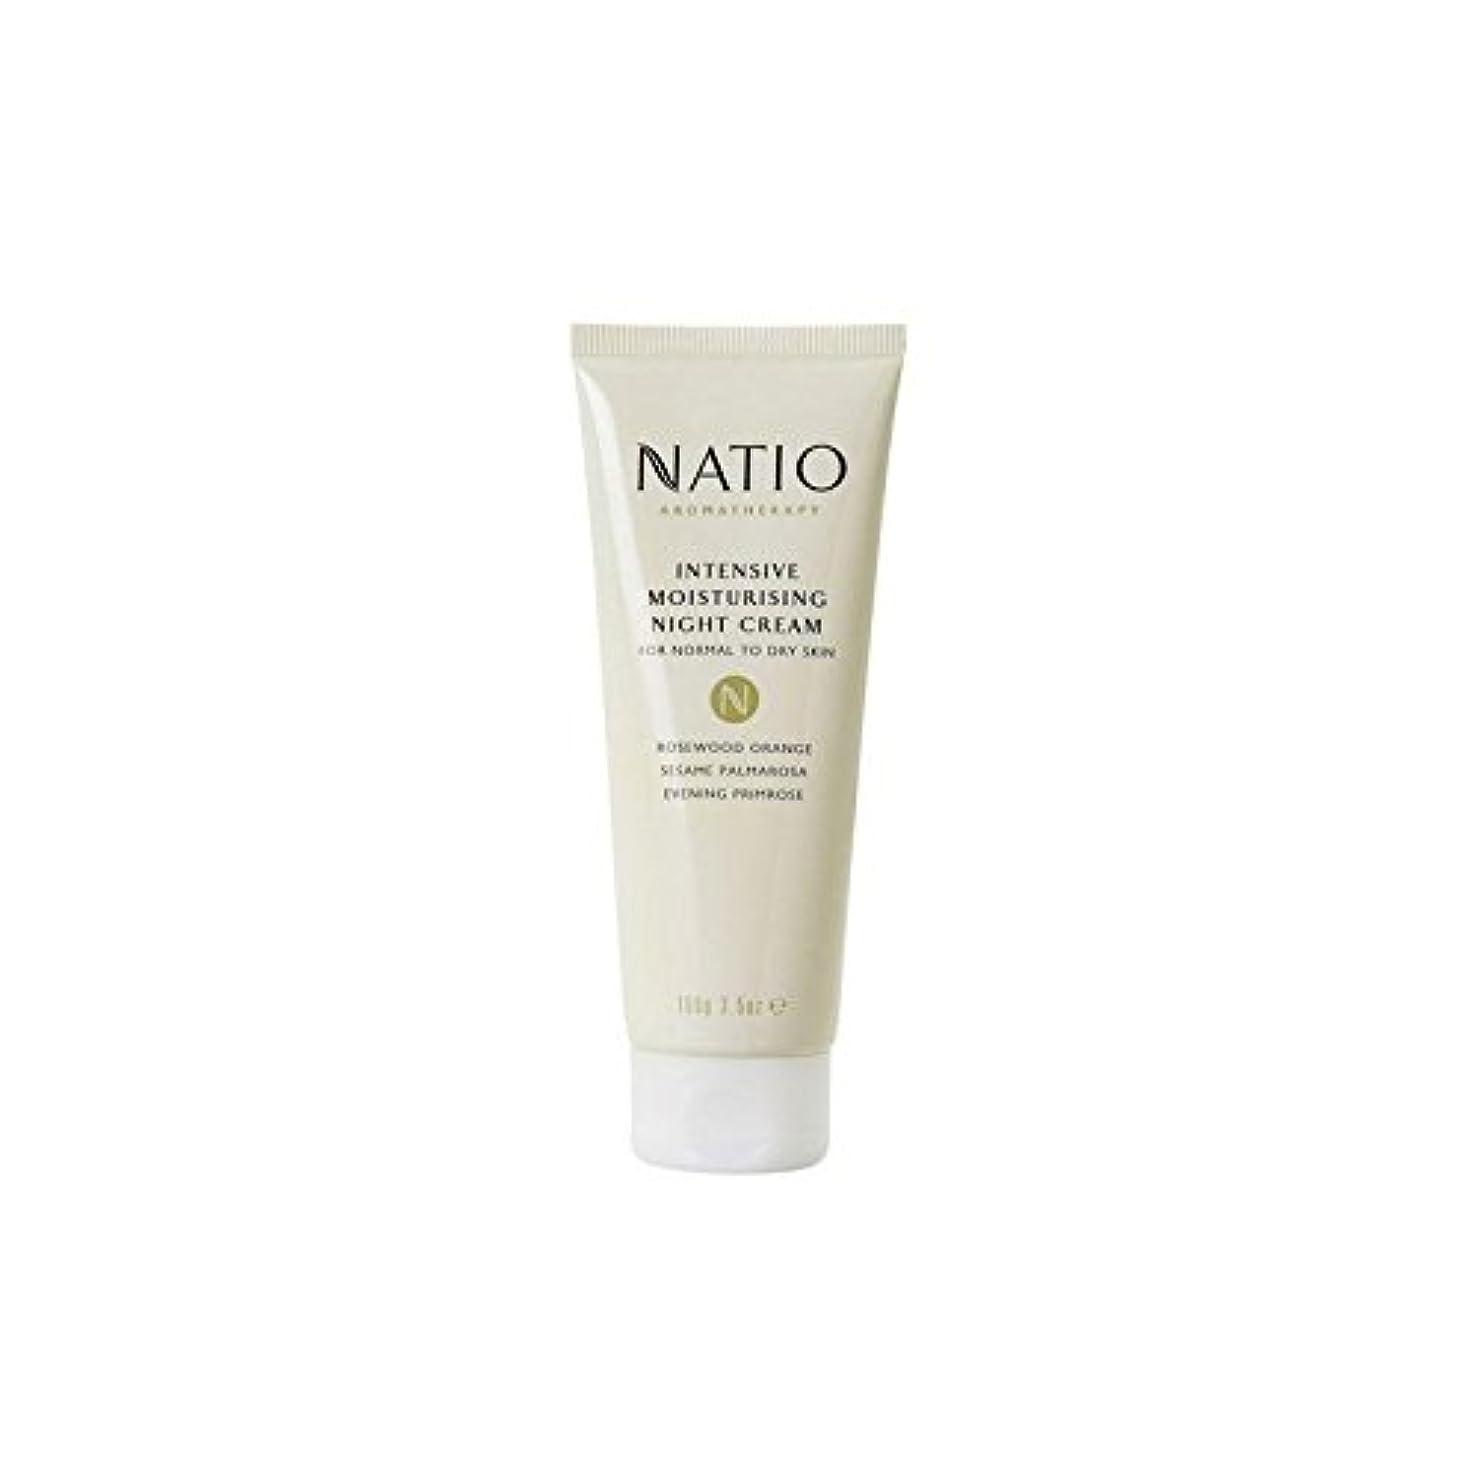 用量不信道に迷いました集中的な保湿ナイトクリーム(100グラム) x2 - Natio Intensive Moisturising Night Cream (100G) (Pack of 2) [並行輸入品]